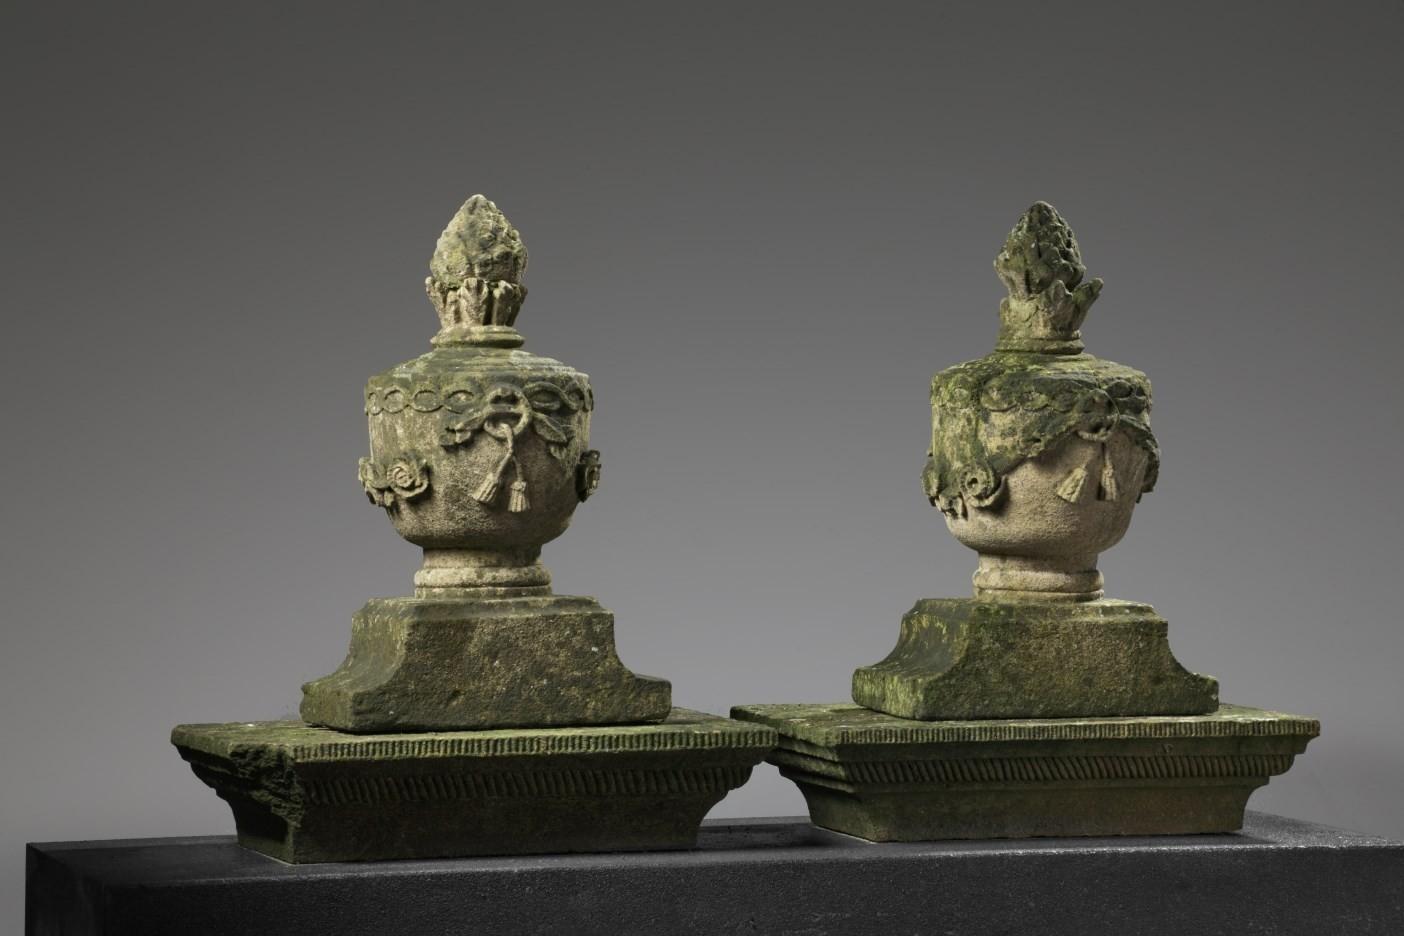 1 Paar Sandstein-Torelemente aus dem 19. Jh.